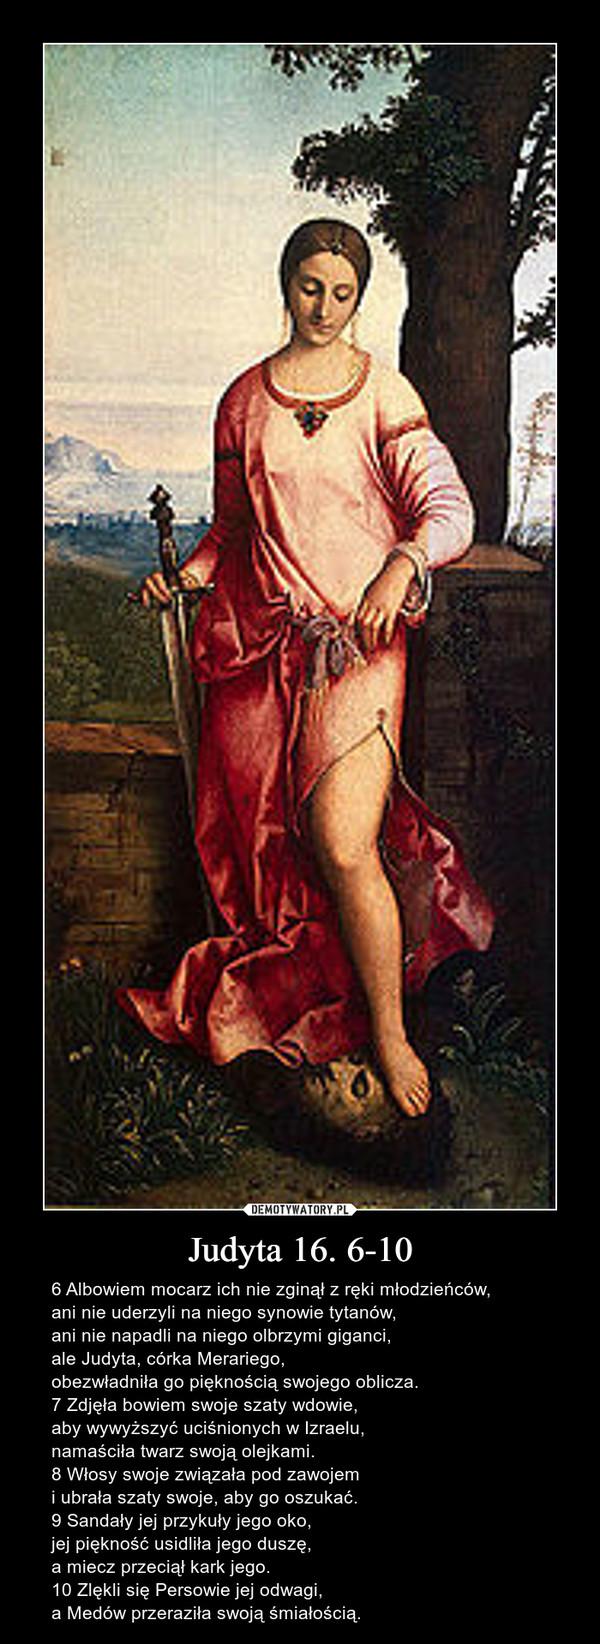 Judyta 16. 6-10 – 6 Albowiem mocarz ich nie zginął z ręki młodzieńców, ani nie uderzyli na niego synowie tytanów, ani nie napadli na niego olbrzymi giganci, ale Judyta, córka Merariego, obezwładniła go pięknością swojego oblicza. 7 Zdjęła bowiem swoje szaty wdowie, aby wywyższyć uciśnionych w Izraelu, namaściła twarz swoją olejkami. 8 Włosy swoje związała pod zawojem i ubrała szaty swoje, aby go oszukać. 9 Sandały jej przykuły jego oko, jej piękność usidliła jego duszę, a miecz przeciął kark jego. 10 Zlękli się Persowie jej odwagi, a Medów przeraziła swoją śmiałością.